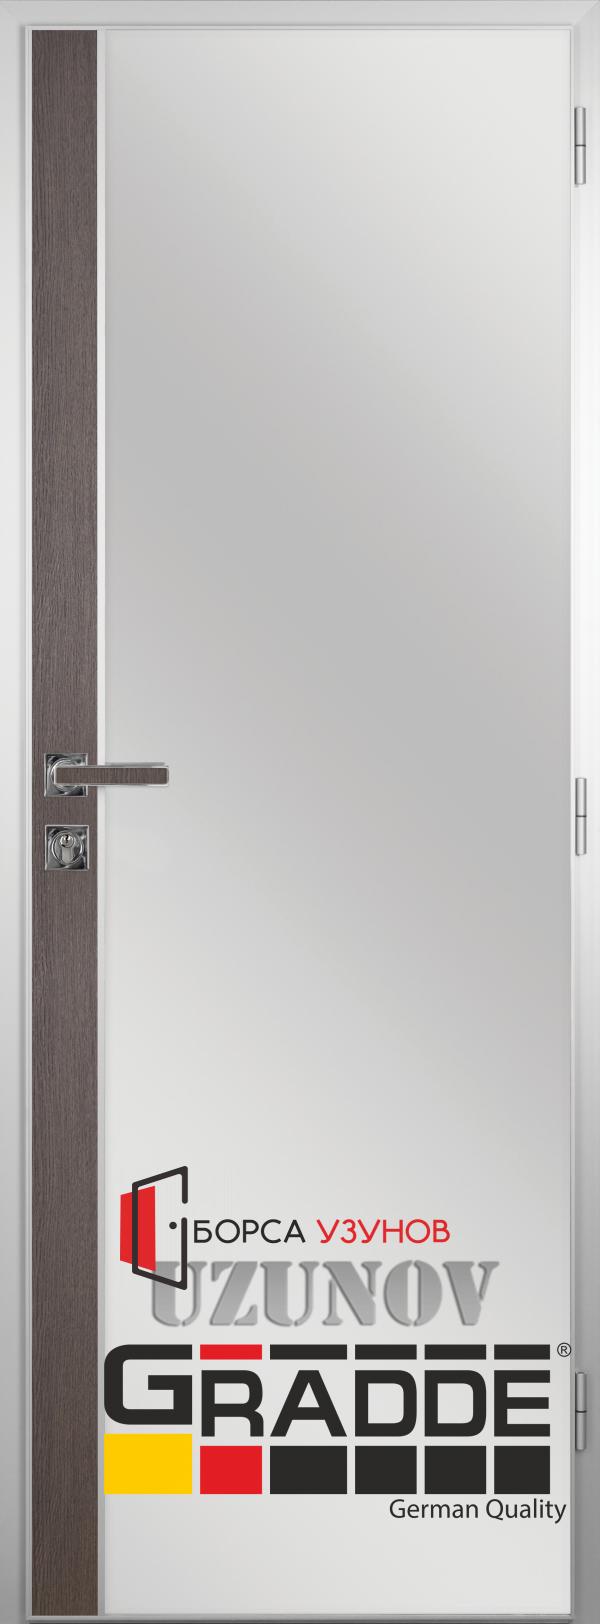 Алуминиева врата GRADDE цвят SanDiego в София от УЗУНОВ